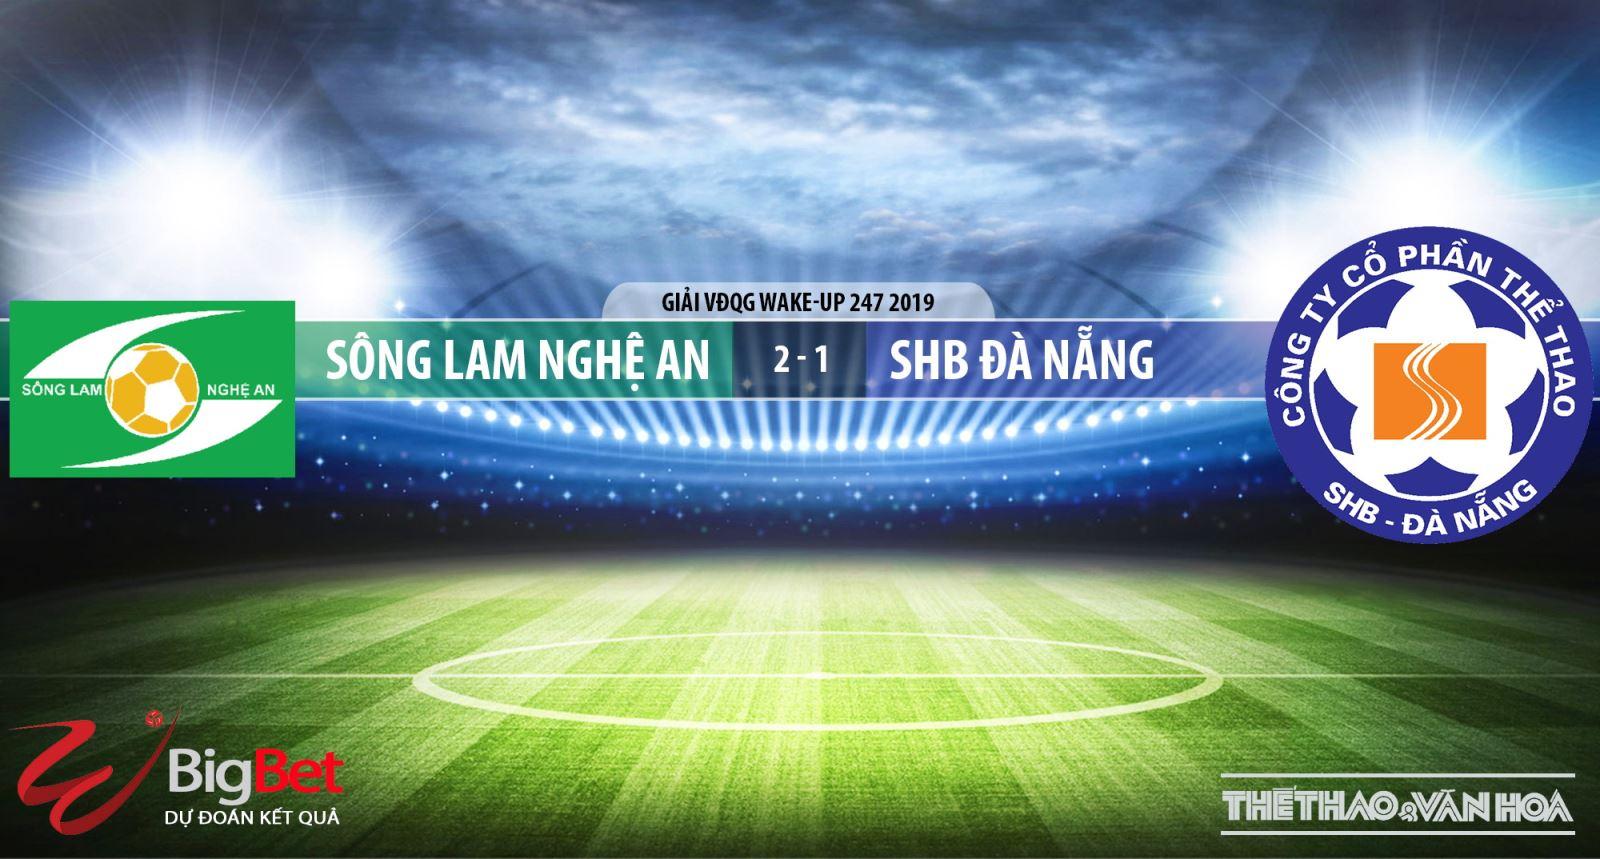 truc tiep bong da, trực tiếp bóng đá, SLNA vs SHB Đà Nẵng, SLNA đấu với SHB Đà Nẵng, SLNA, SHB Đà Nẵng, xem bóng đá, bảng xếp hạng V League 2019, lịch thi đấu V League